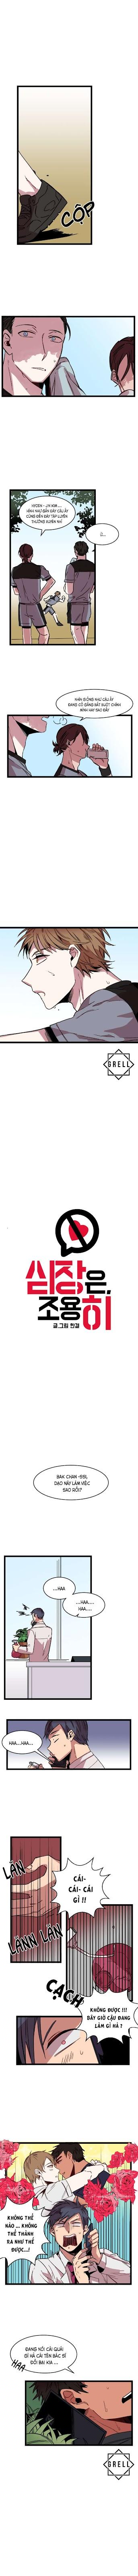 [ Manhwa ] Trái tim thầm lặng - Heart Silent - Chap 008 - Tác giả Han Kyeul - Trang 2